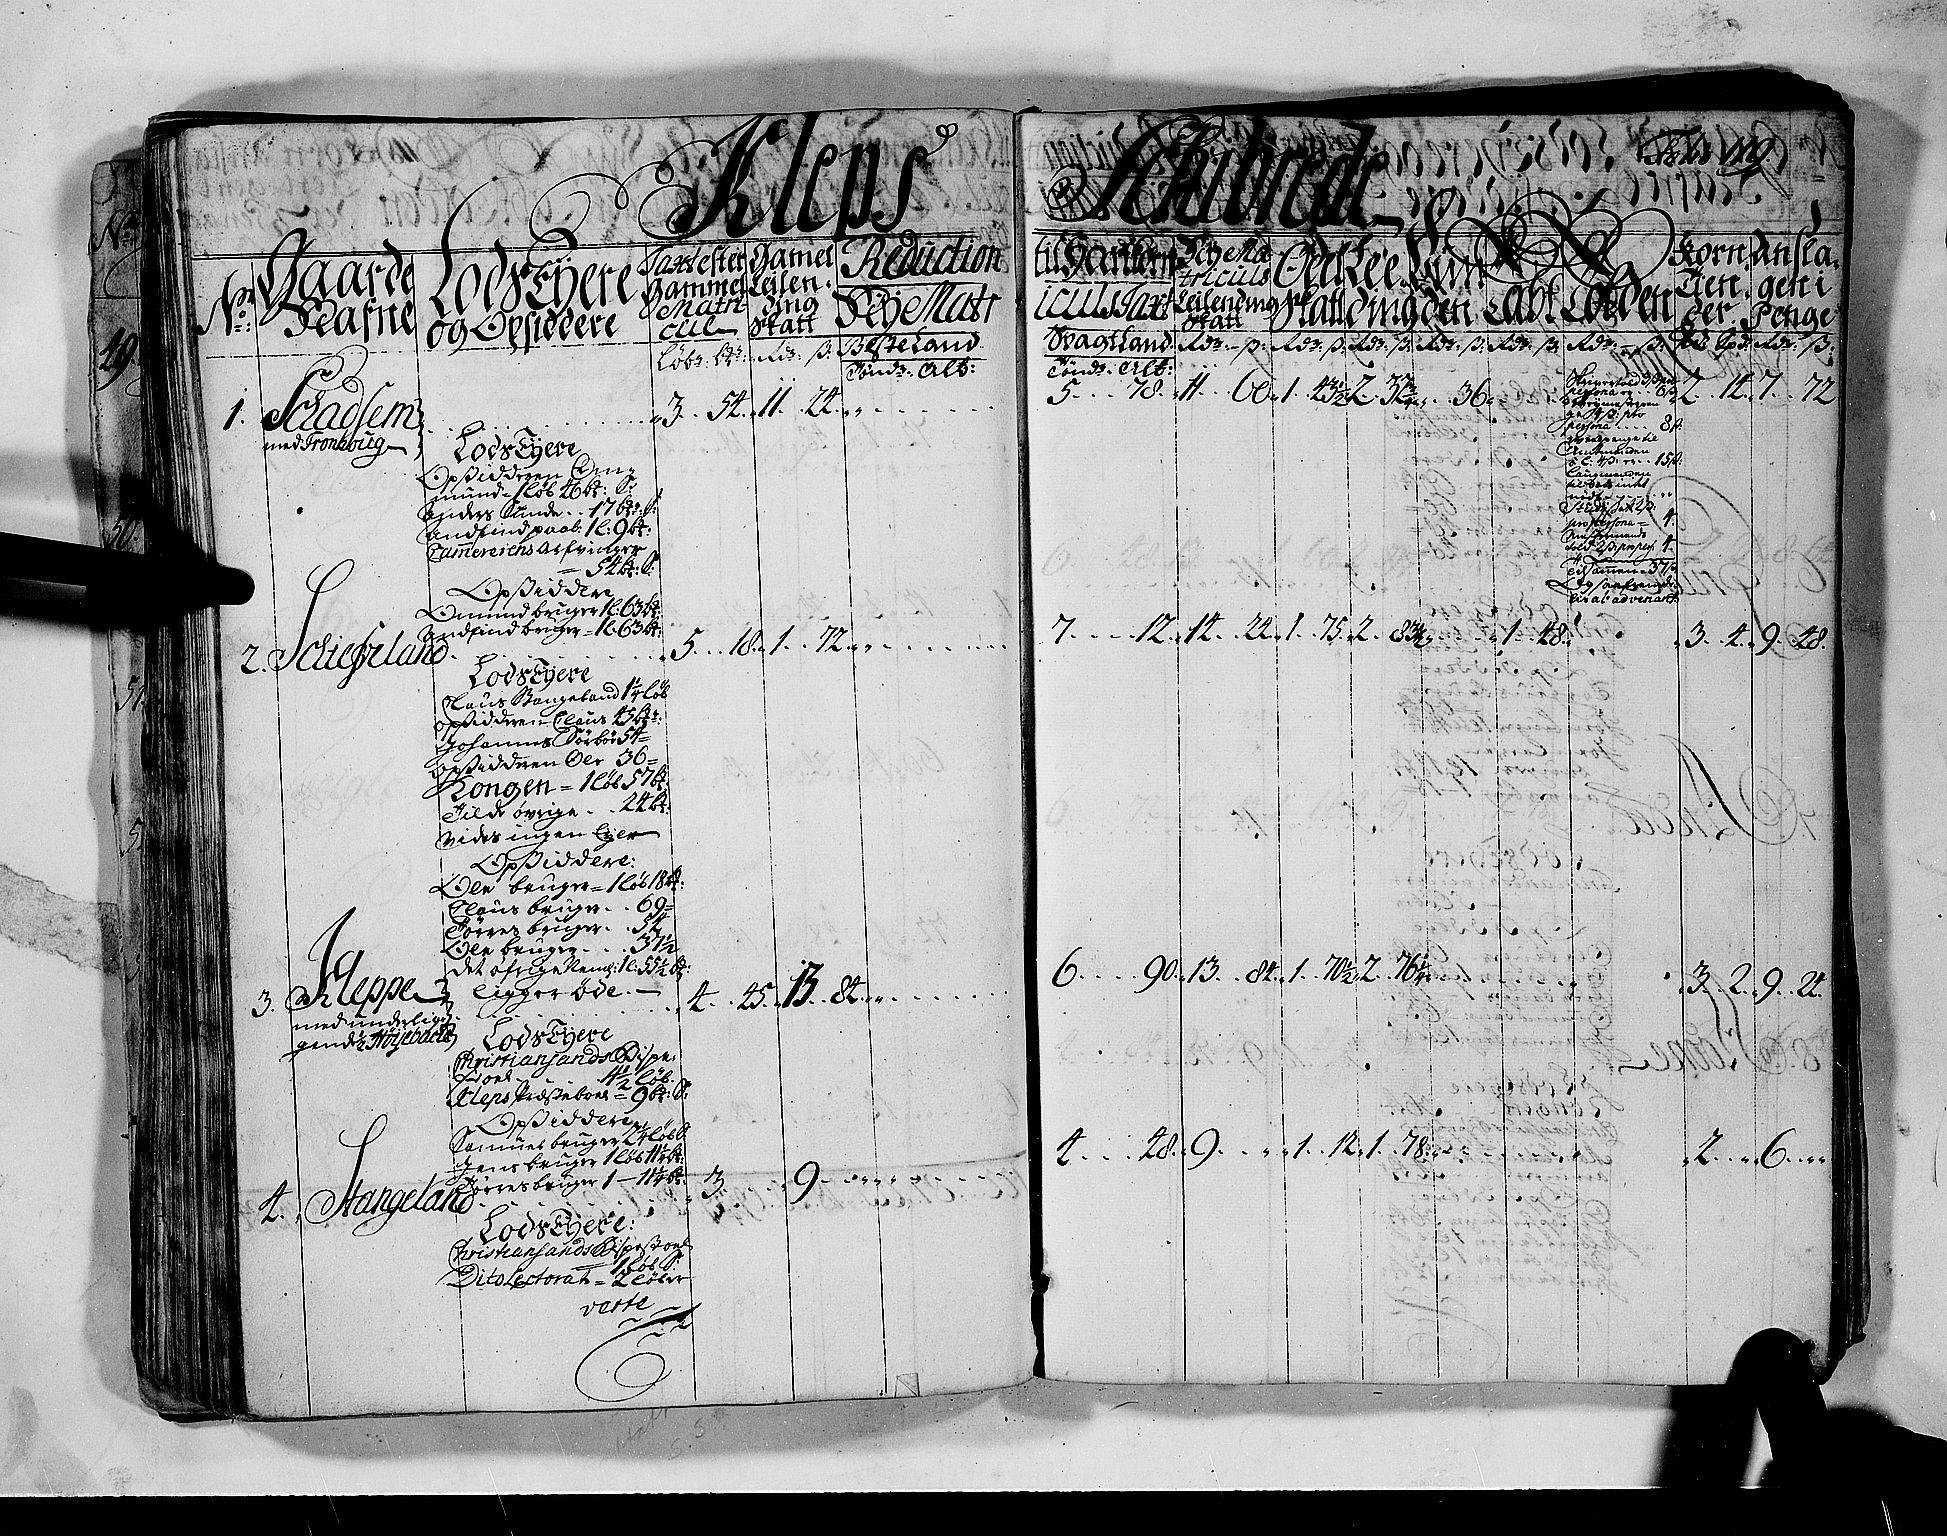 RA, Rentekammeret inntil 1814, Realistisk ordnet avdeling, N/Nb/Nbf/L0132: Jæren og Dalane matrikkelprotokoll, 1723, s. 118b-119a